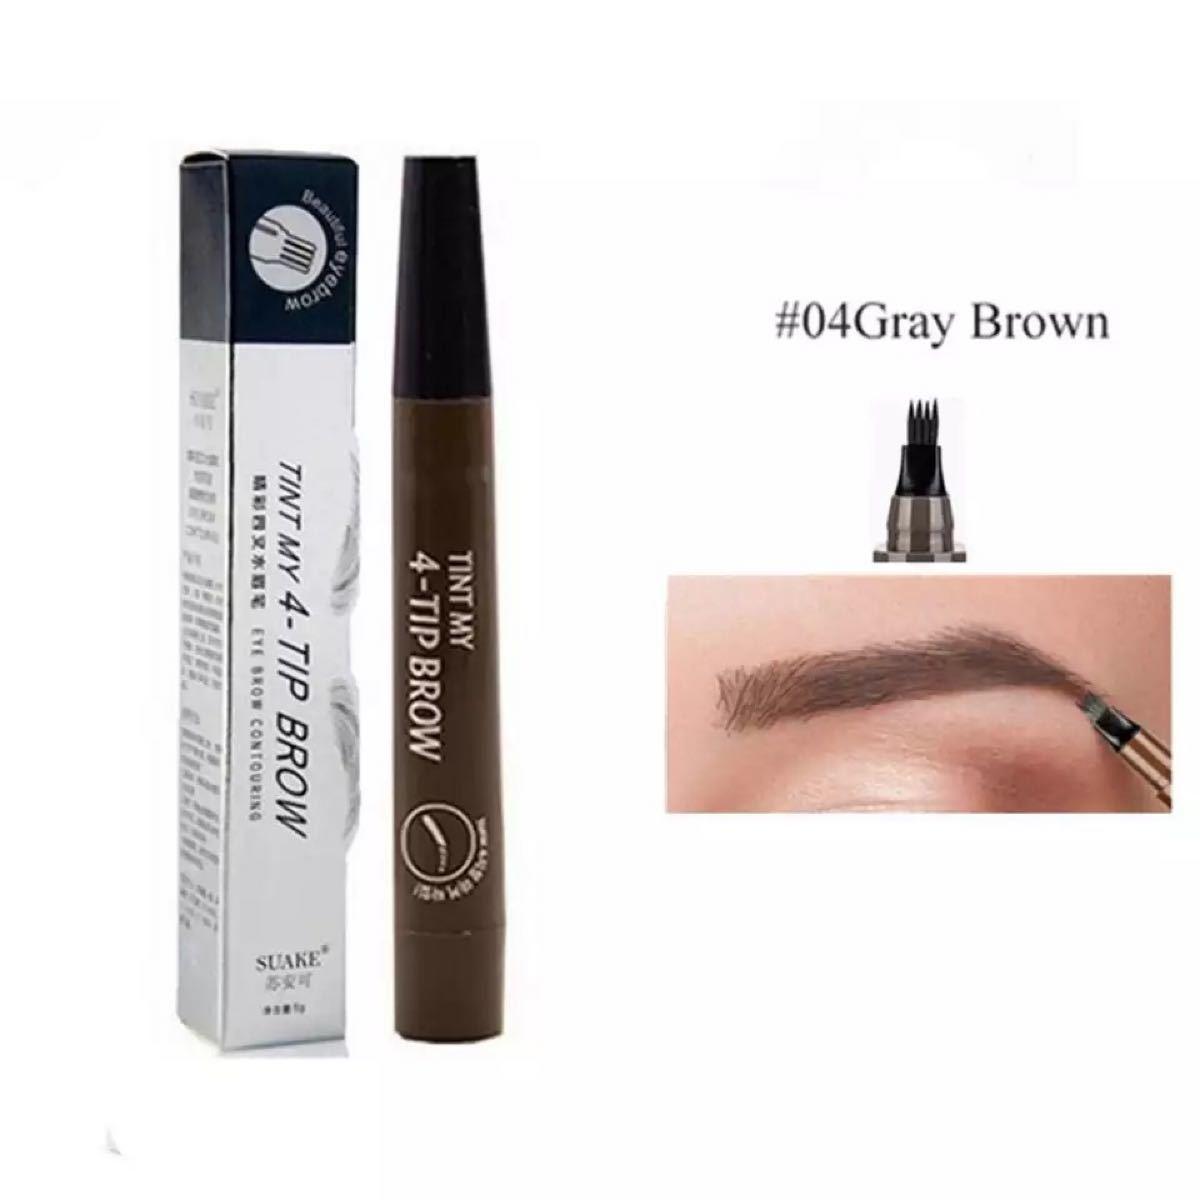 フォーク型アイブロウペンシル グレイブラウン 自然に描ける眉墨 ウォータープルーフ